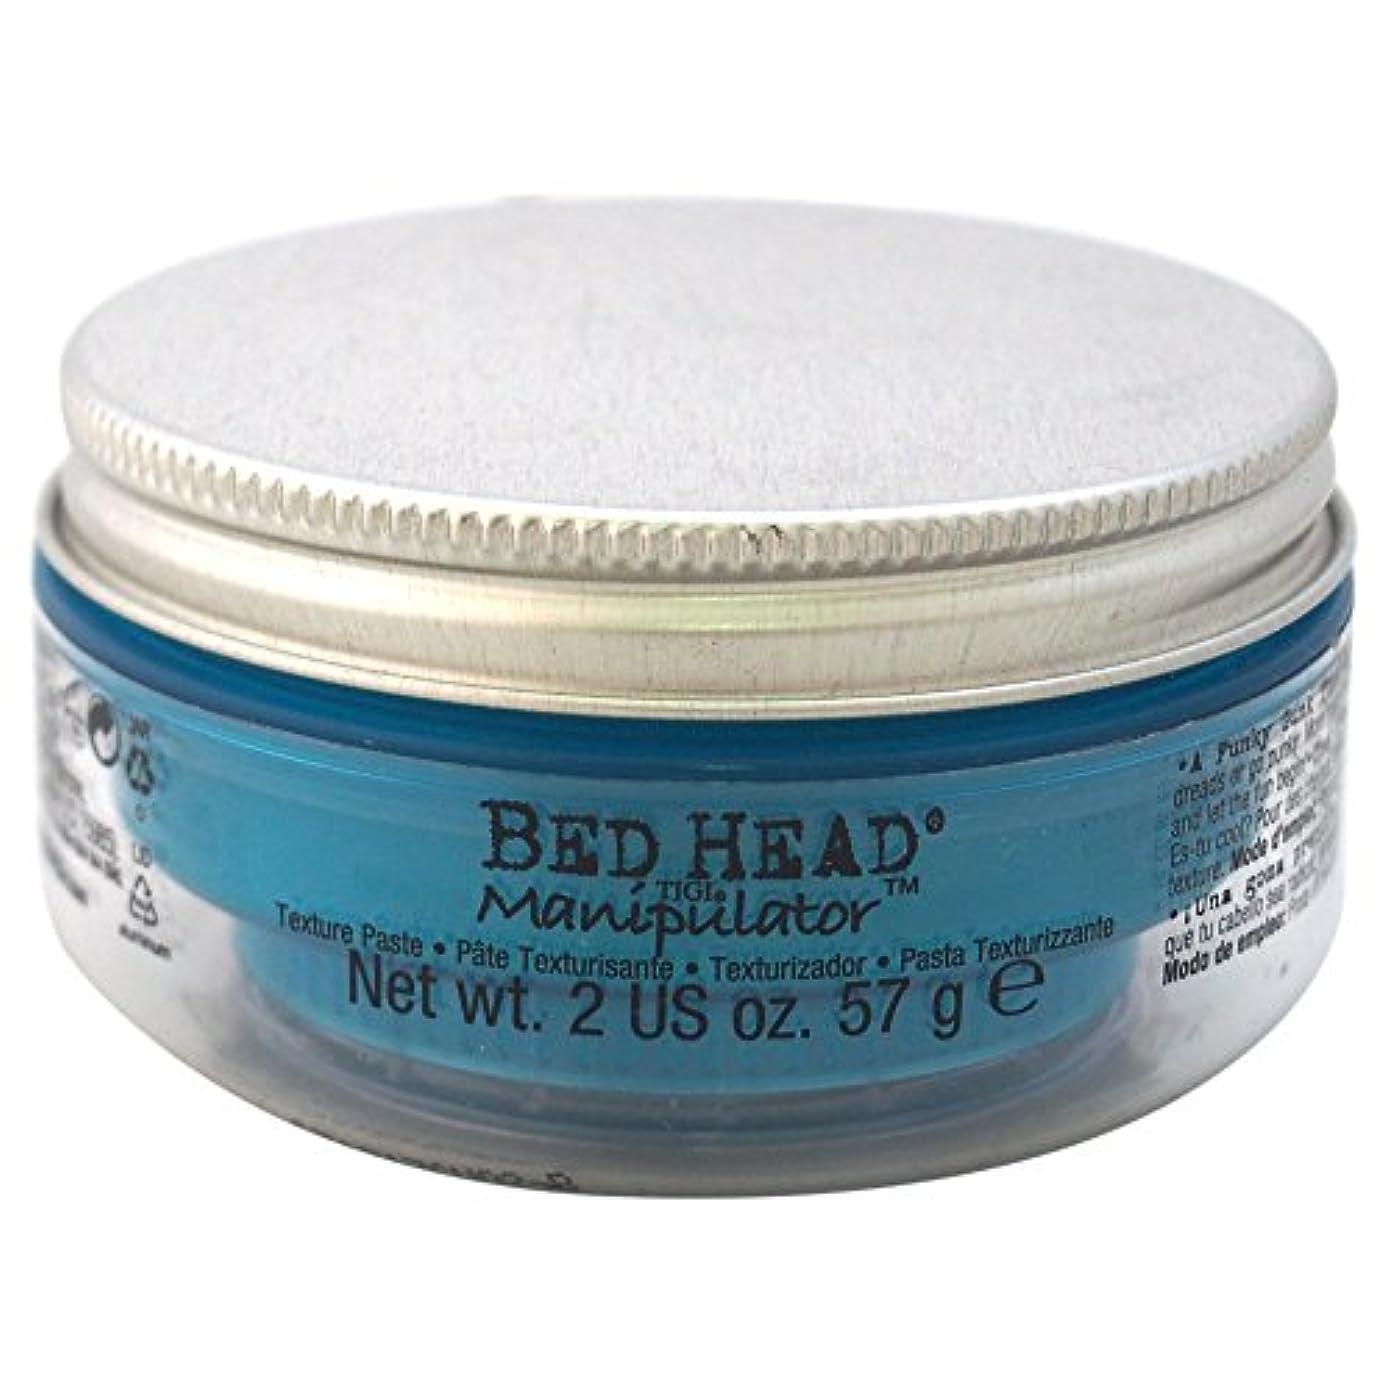 読書をするオーディション無許可ティジー ベッドヘッドマニピュレーター テキシチヤ ペースト Tigi Bed Head Manipulator Texture Paste 57 ml [並行輸入品]